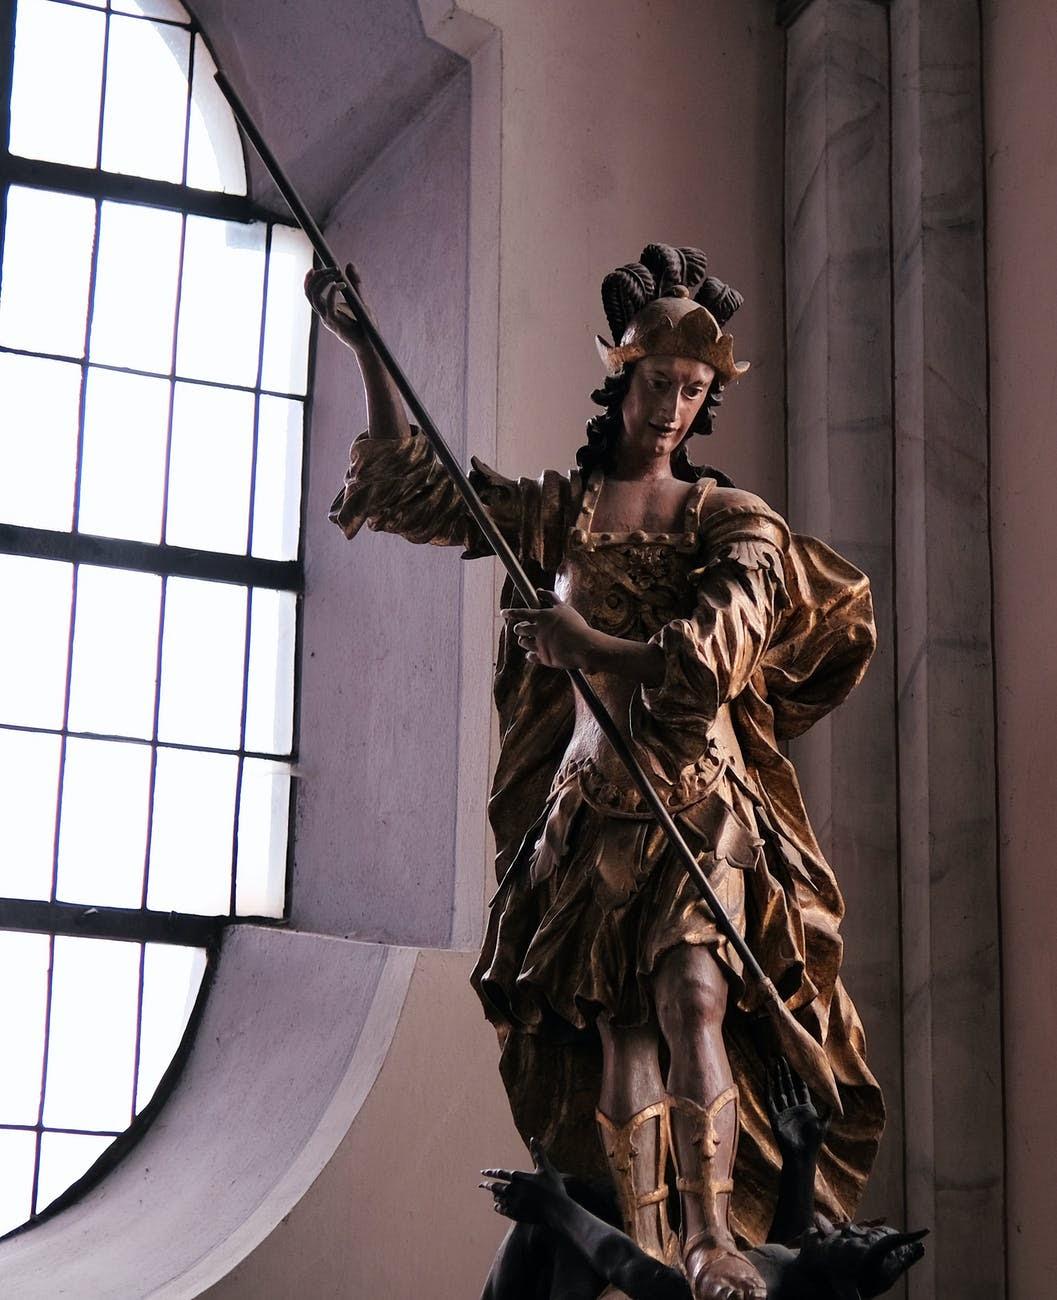 Sculpture of the Archangel Saint Michael